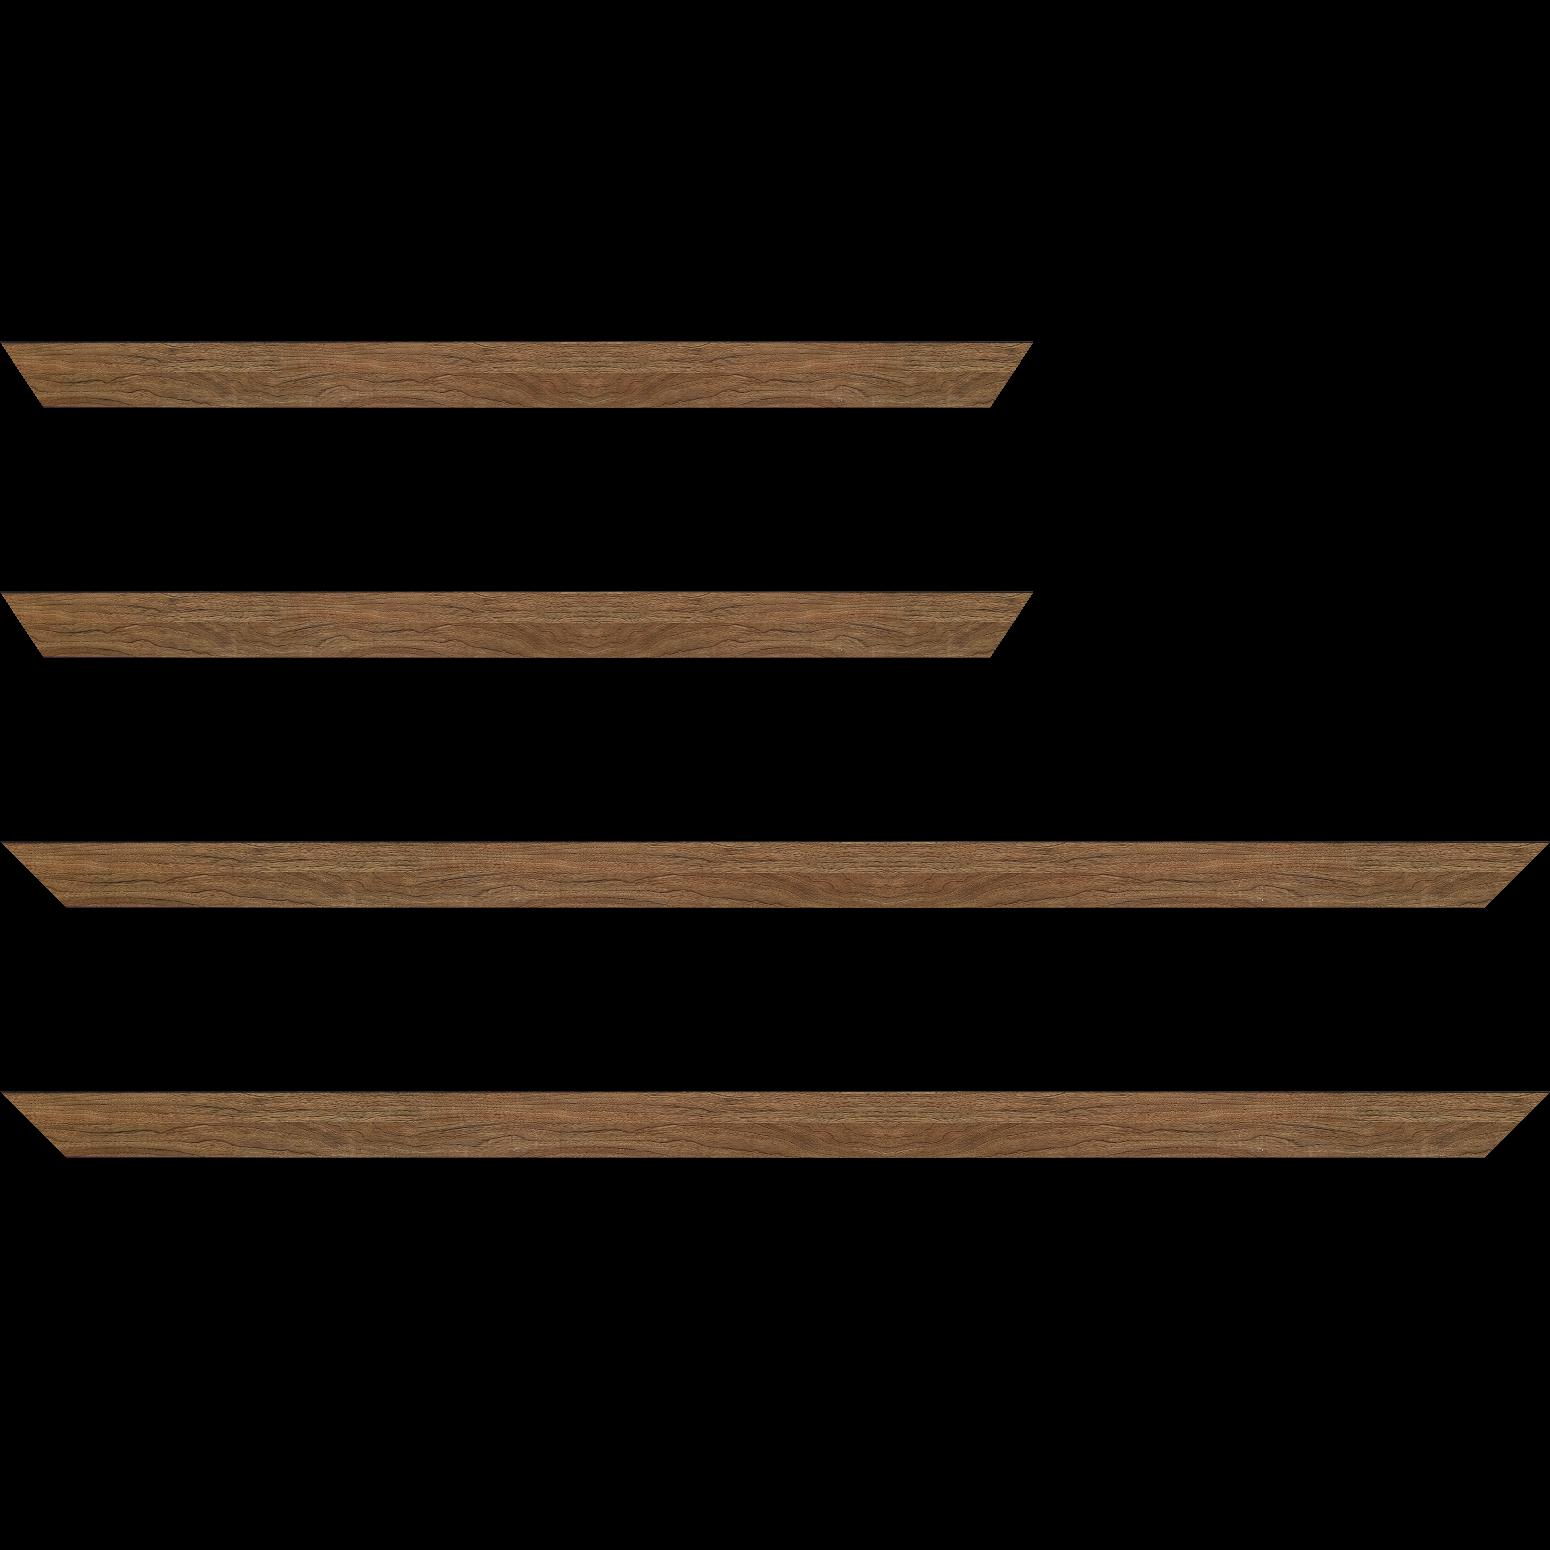 Baguette service précoupé Bois profil plat largeur 2.6cm hauteur 5cm décor bois chêne doré